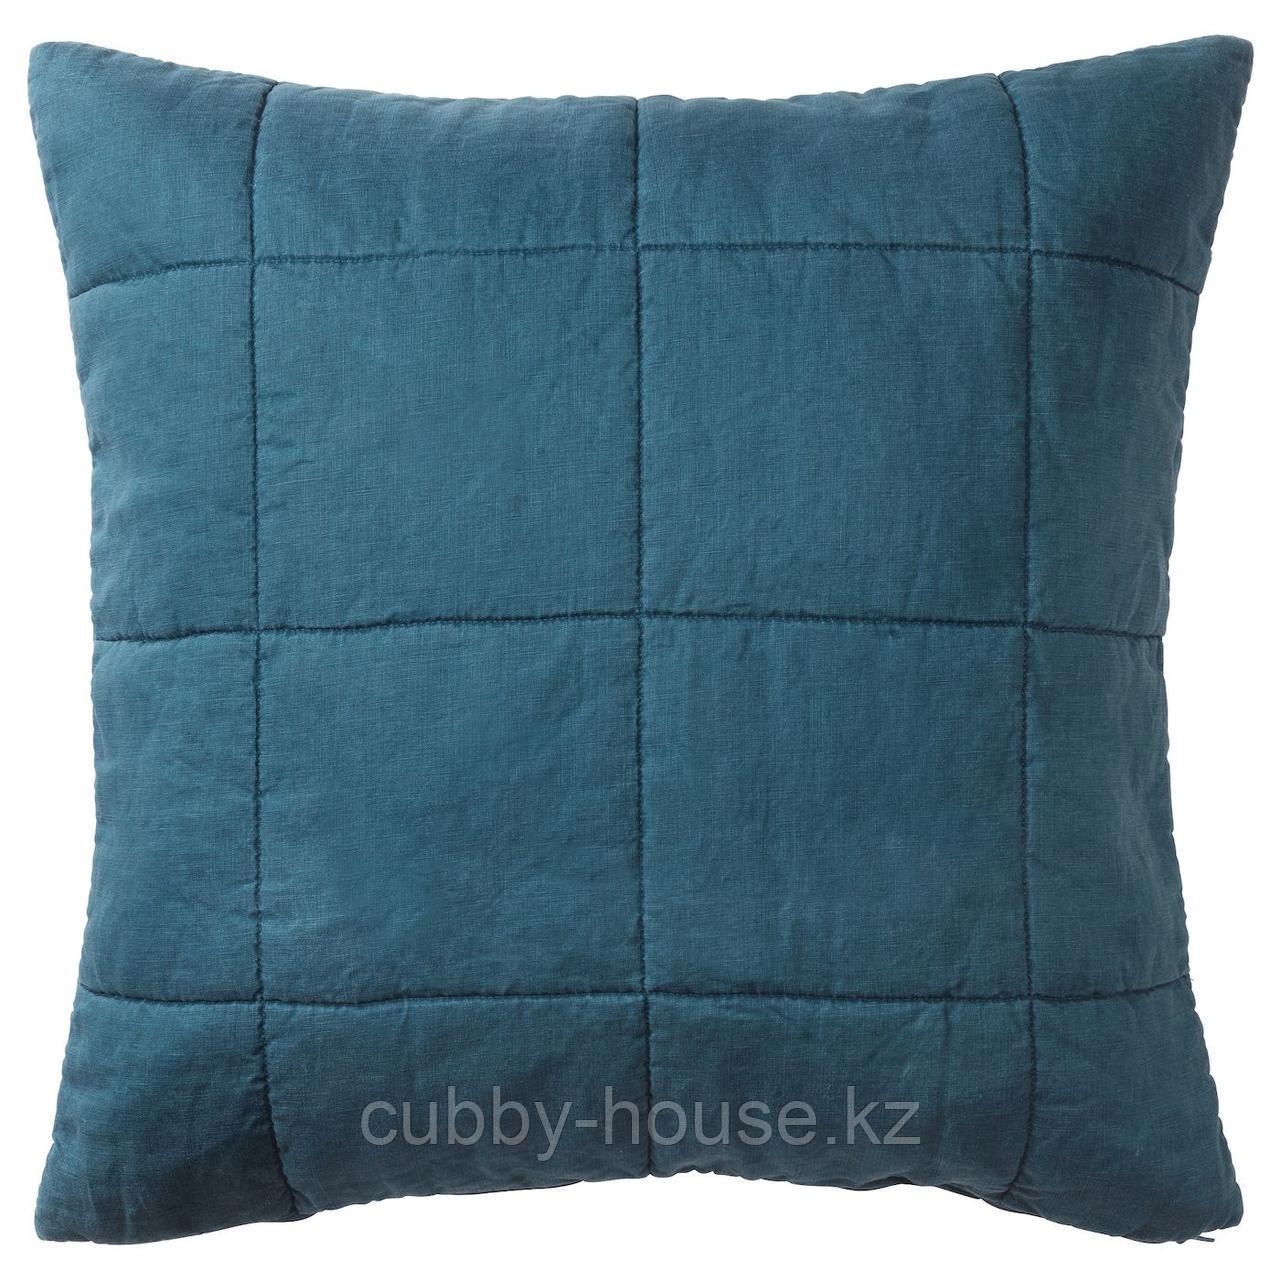 ГУЛЬВЕД Чехол на подушку, темно-синий, 65x65 см